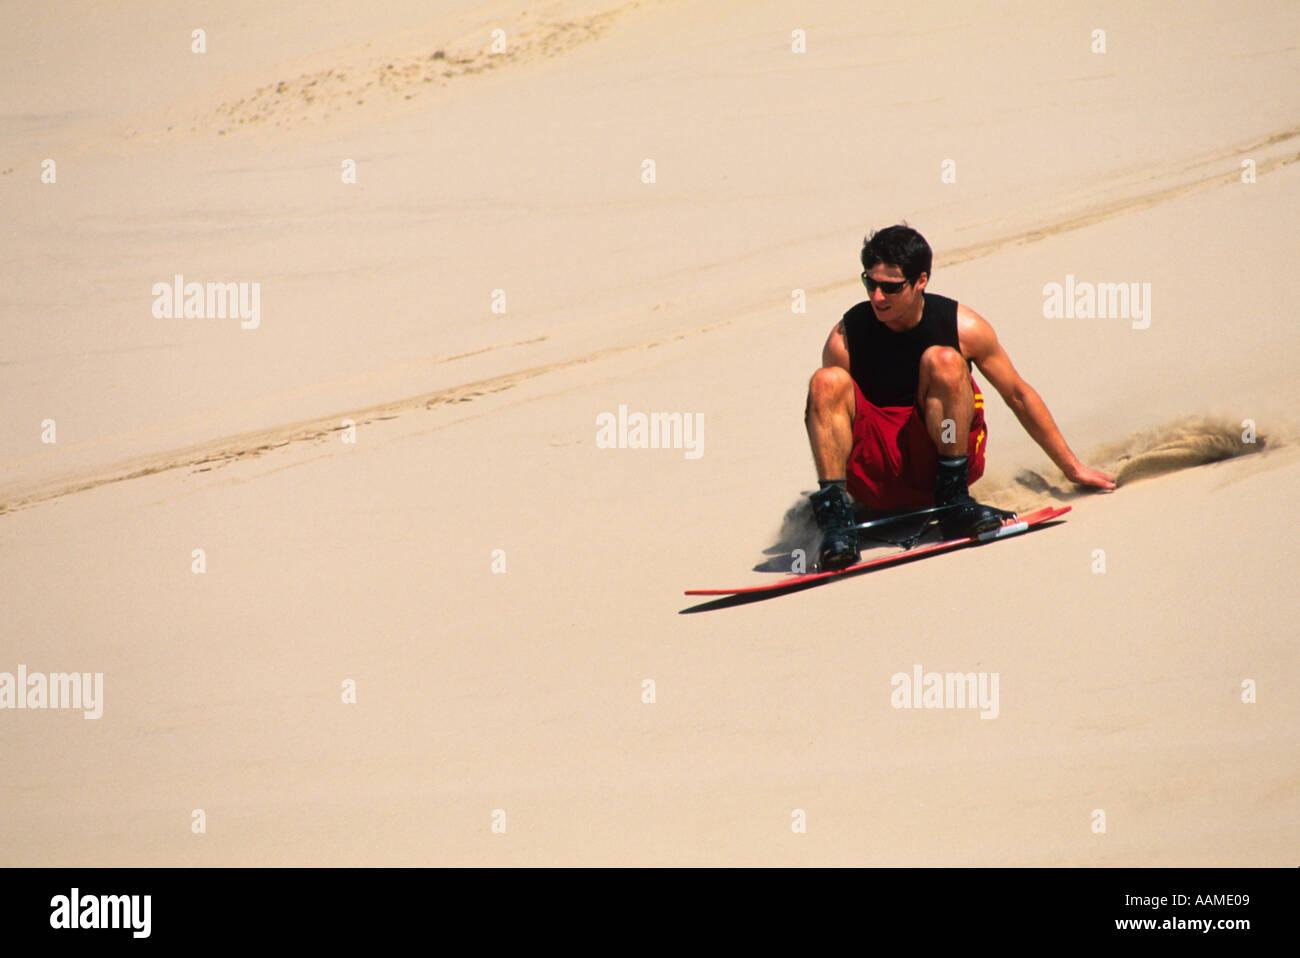 sandboarding - Stock Image